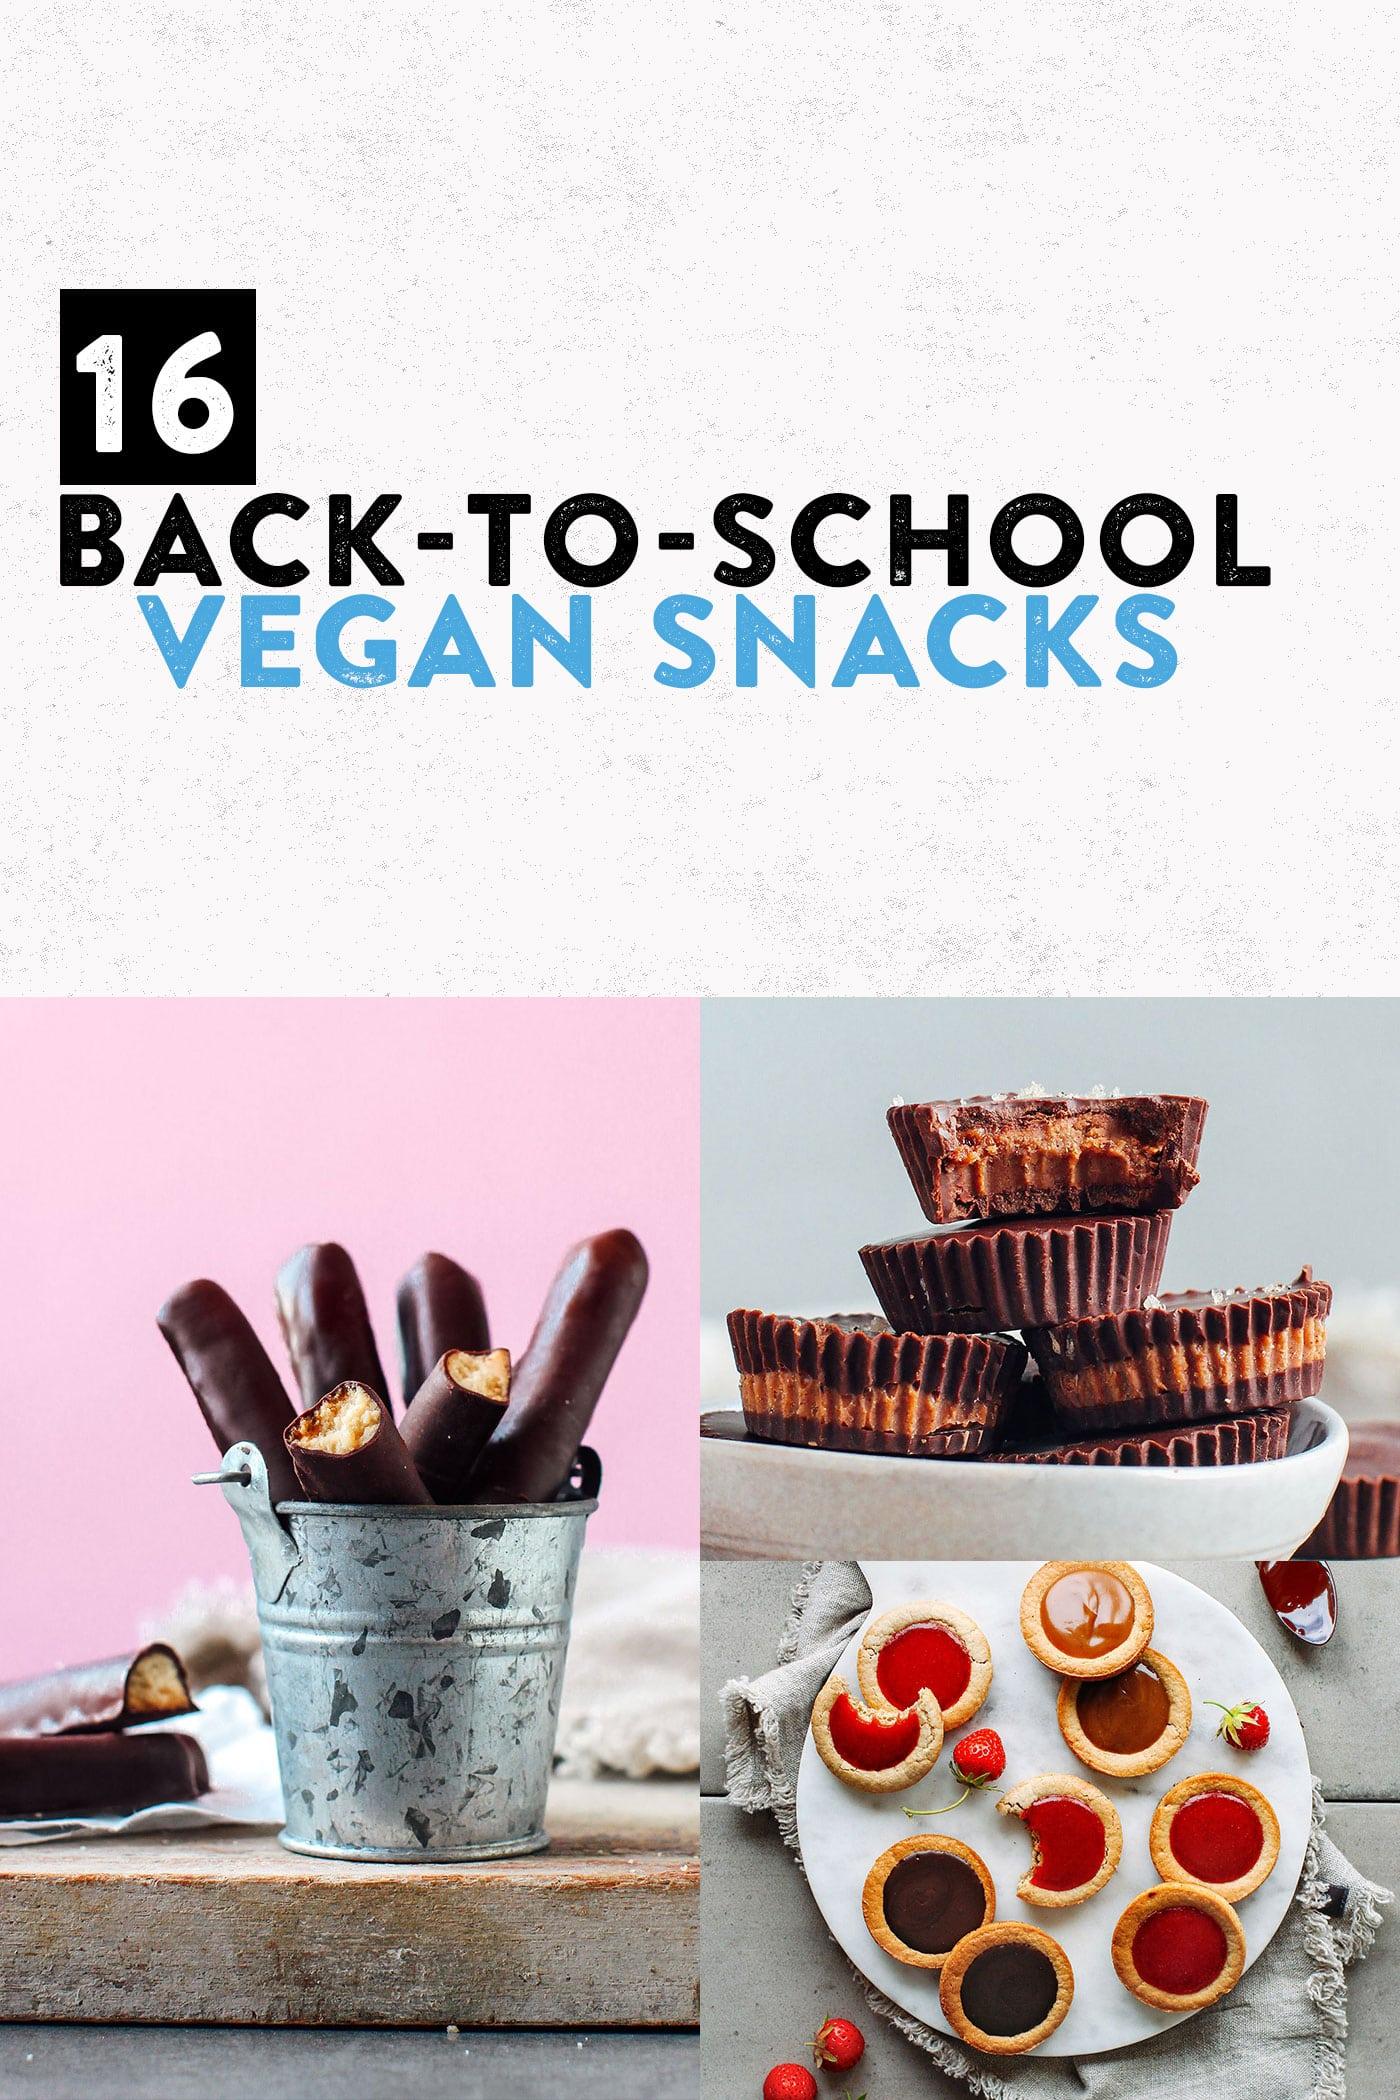 16 Vegan Back-To-School Snacks #plantbased #vegan #snack